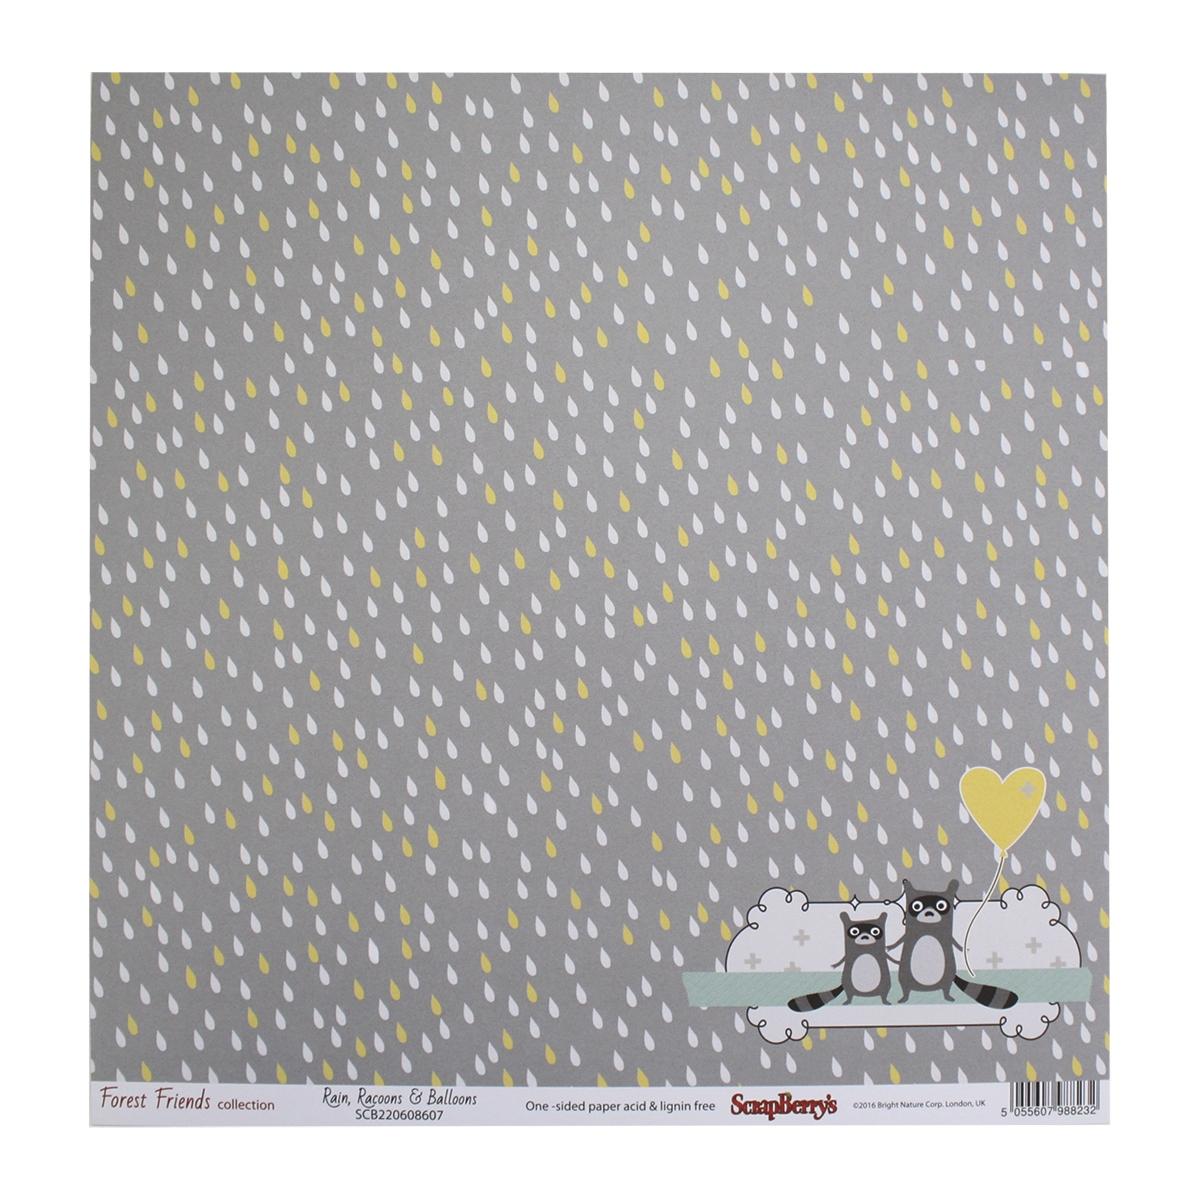 Бумага для скрапбукинга ScrapBerrys Лес чудес. Грибной дождик, 30,5 х 30,5 см, 10 листов. 497128497128